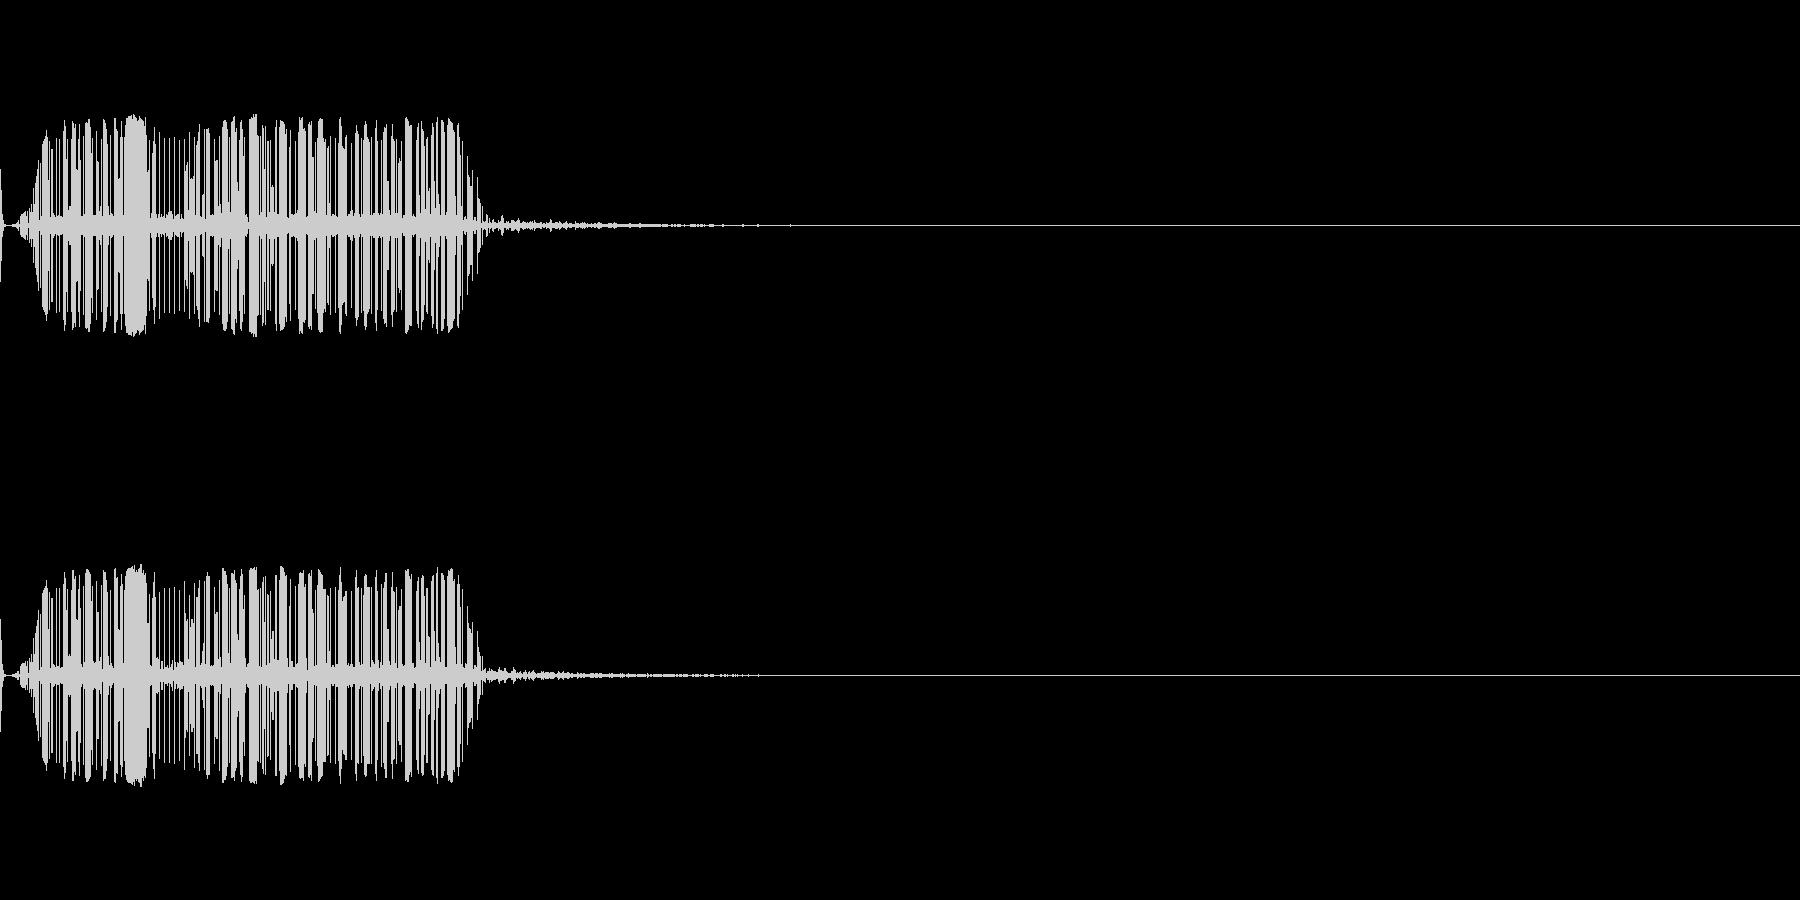 モジュールシンセサイザー ノイズ3 の未再生の波形